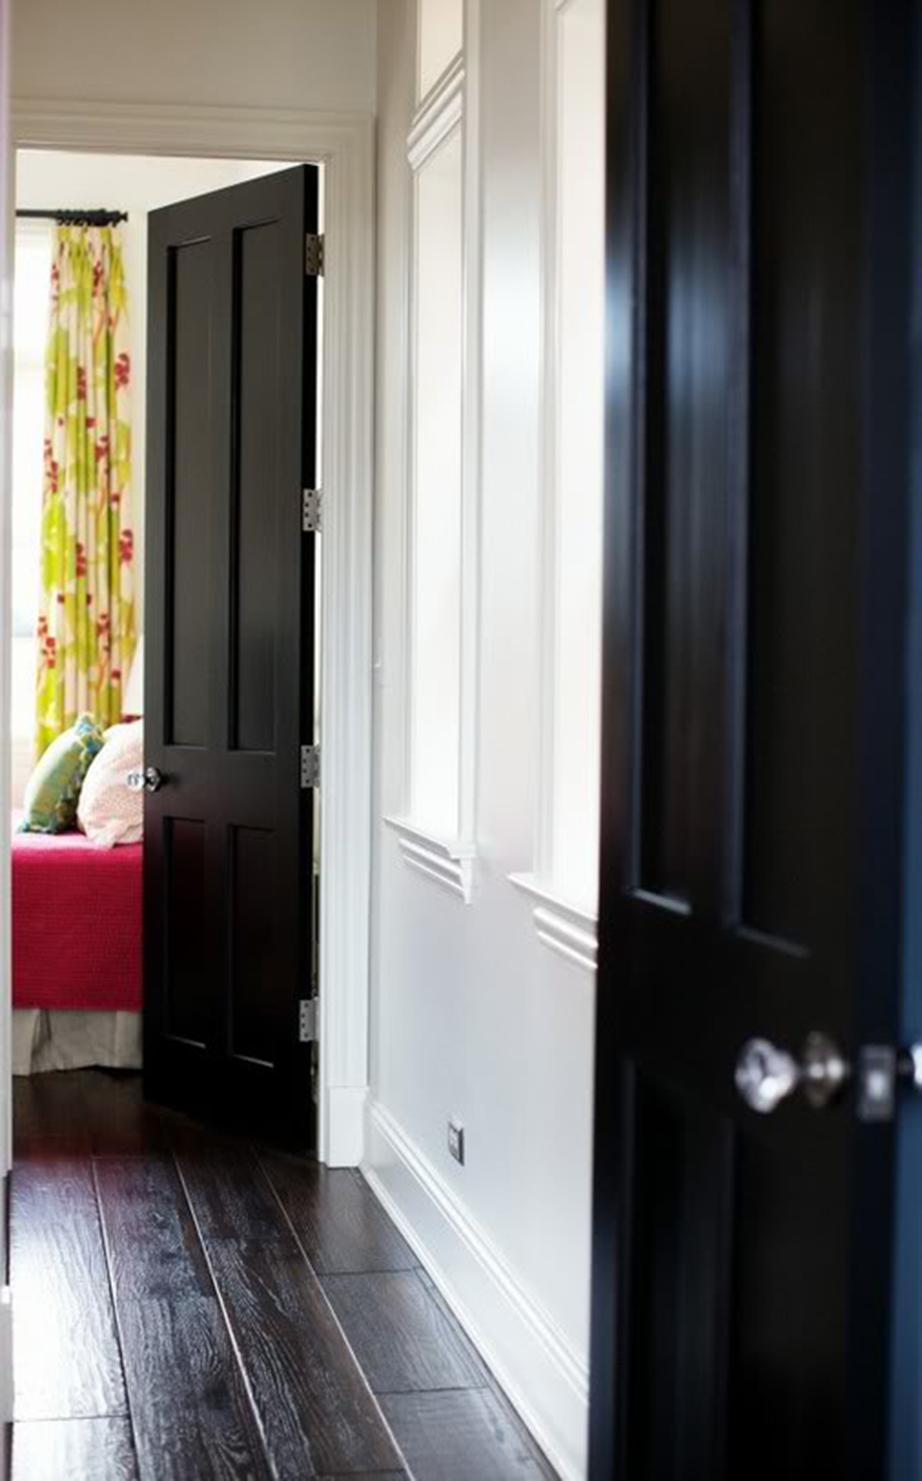 Αποφύγετε οι πόρτες των δωματίων του σπιτιού να είναι αντικριστές μεταξύ τους τουλάχιστον όταν στην ευθεία υπάρχει κάποιο παράθυρο.